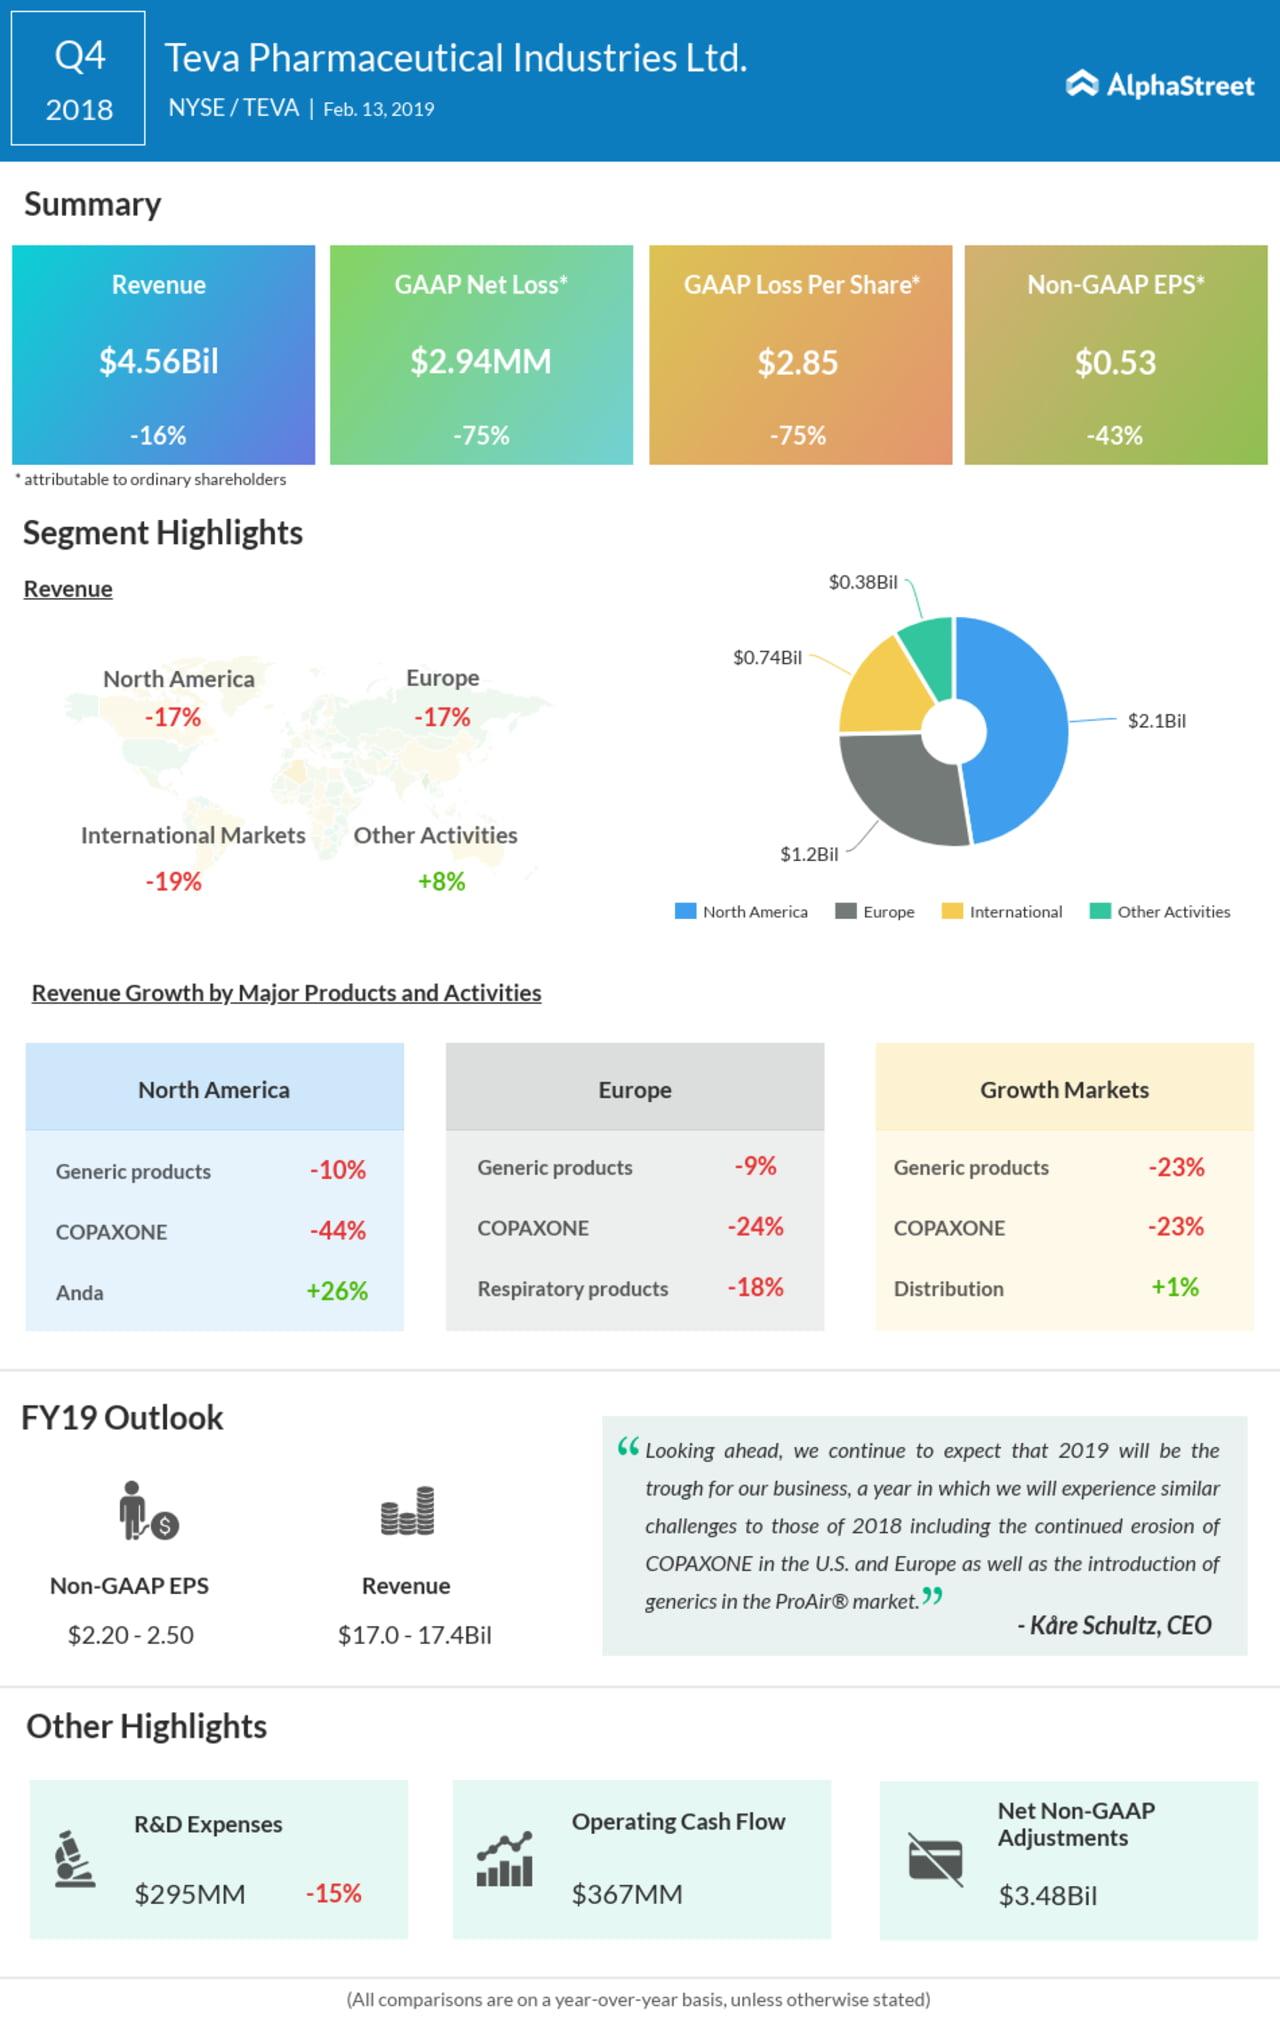 Teva Pharmaceuticals fourth quarter earnings infographic